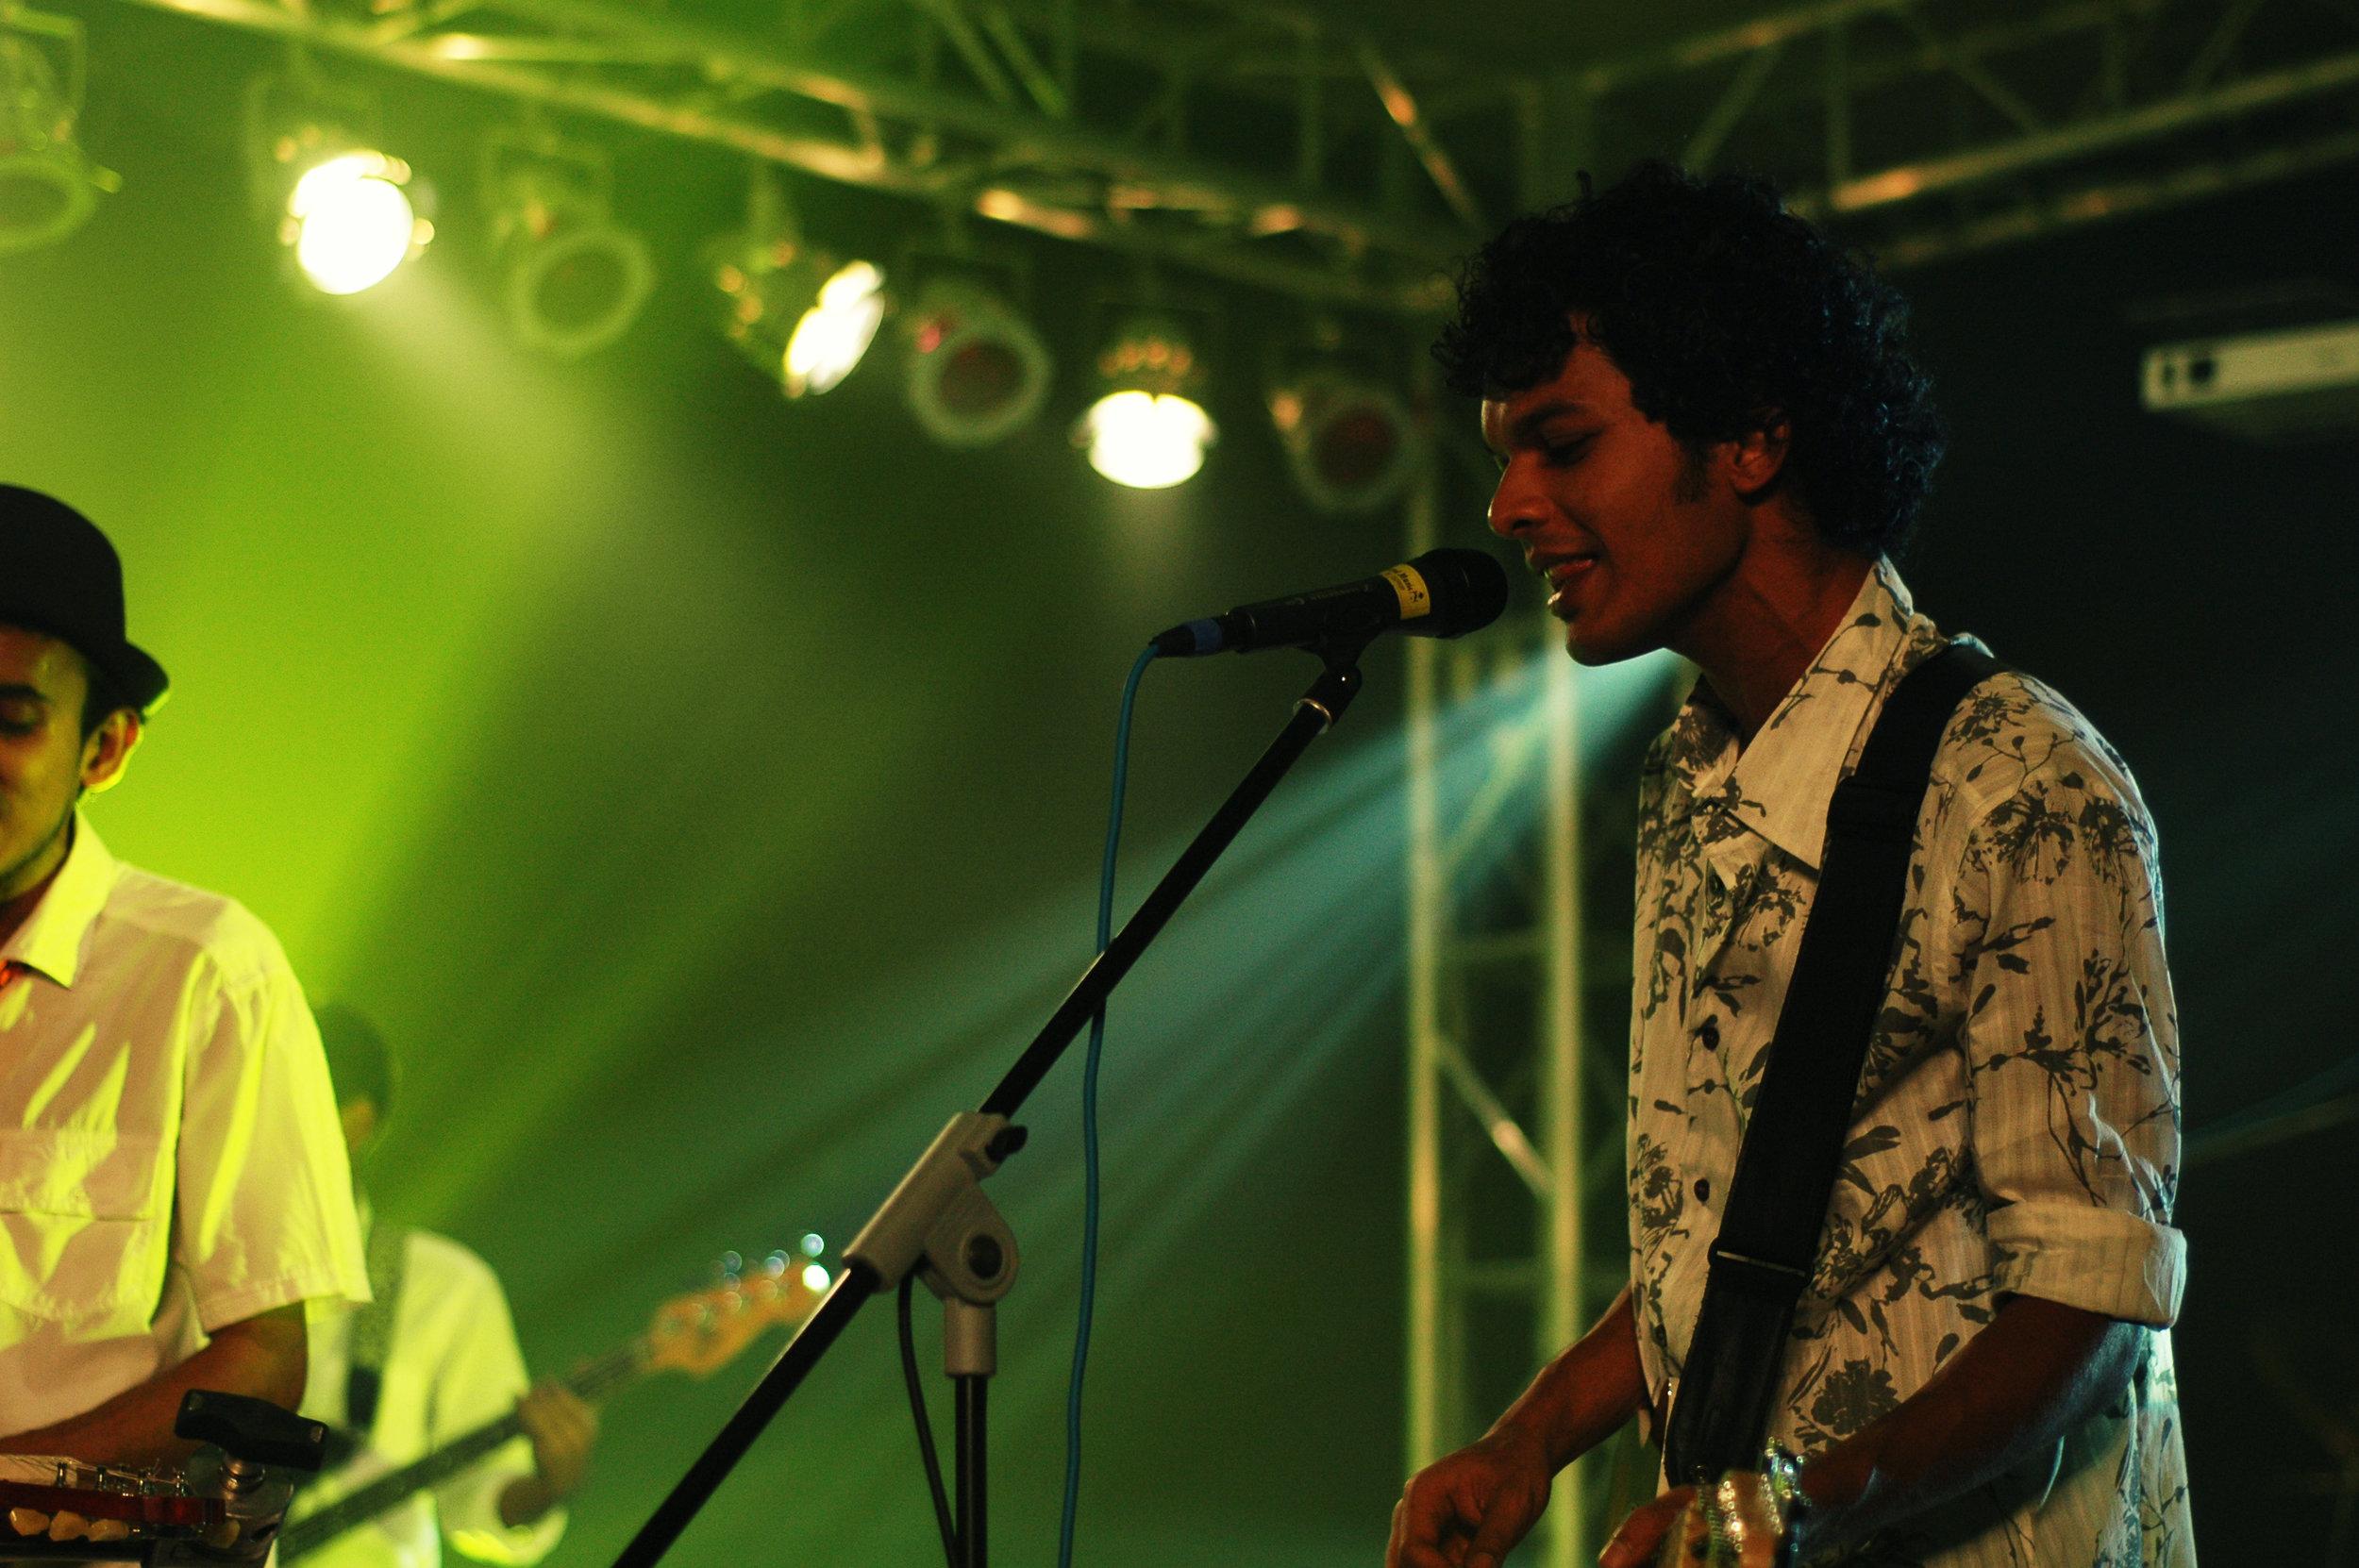 2009-08-19 - Male' City - Dharubaaruge' - Eku Ekee Album Launch - D70s-7971.jpg